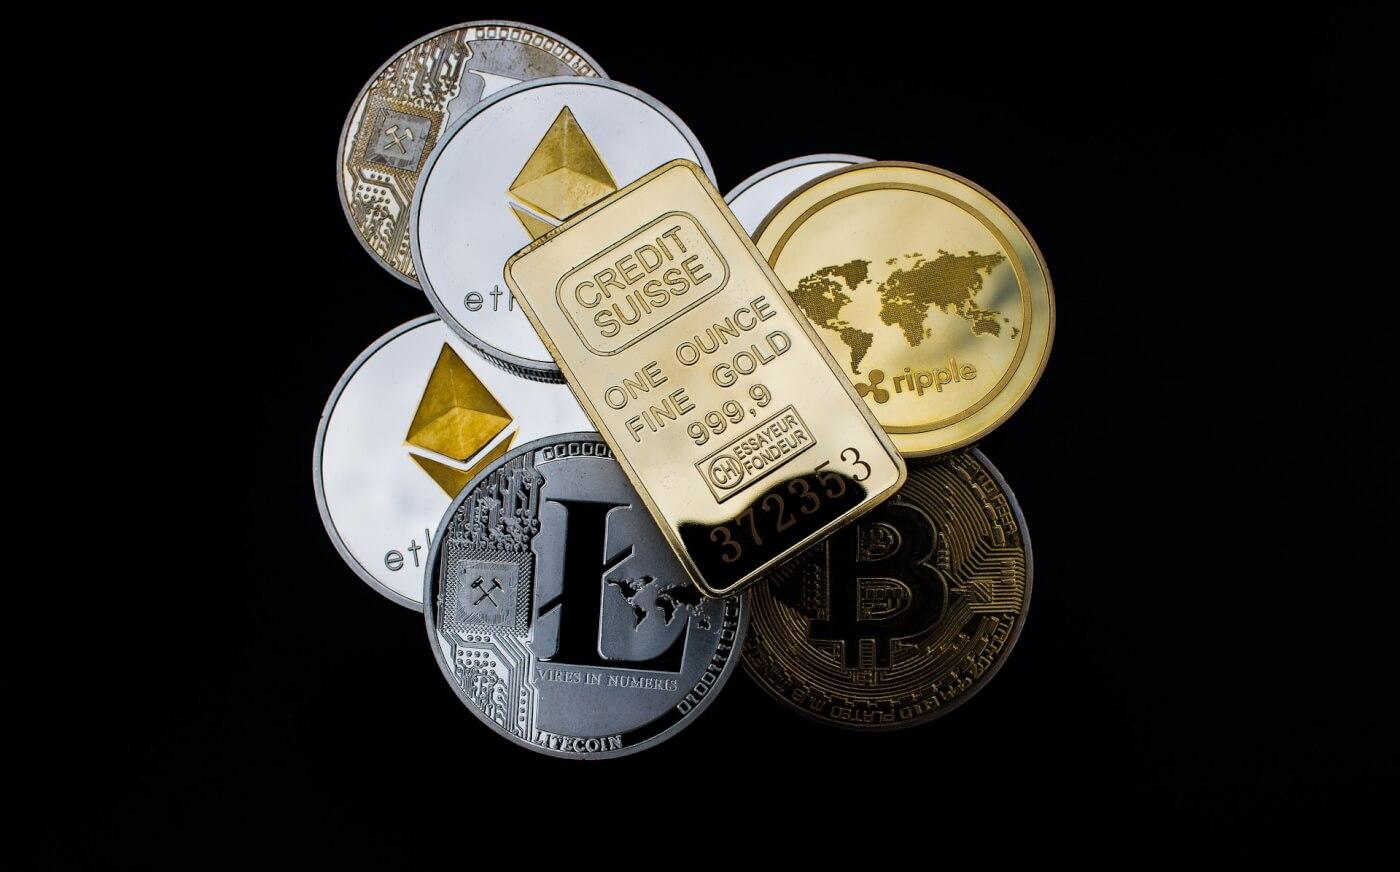 pronóstico de inversión en criptomonedas fazer dinheiro online rápido hoje